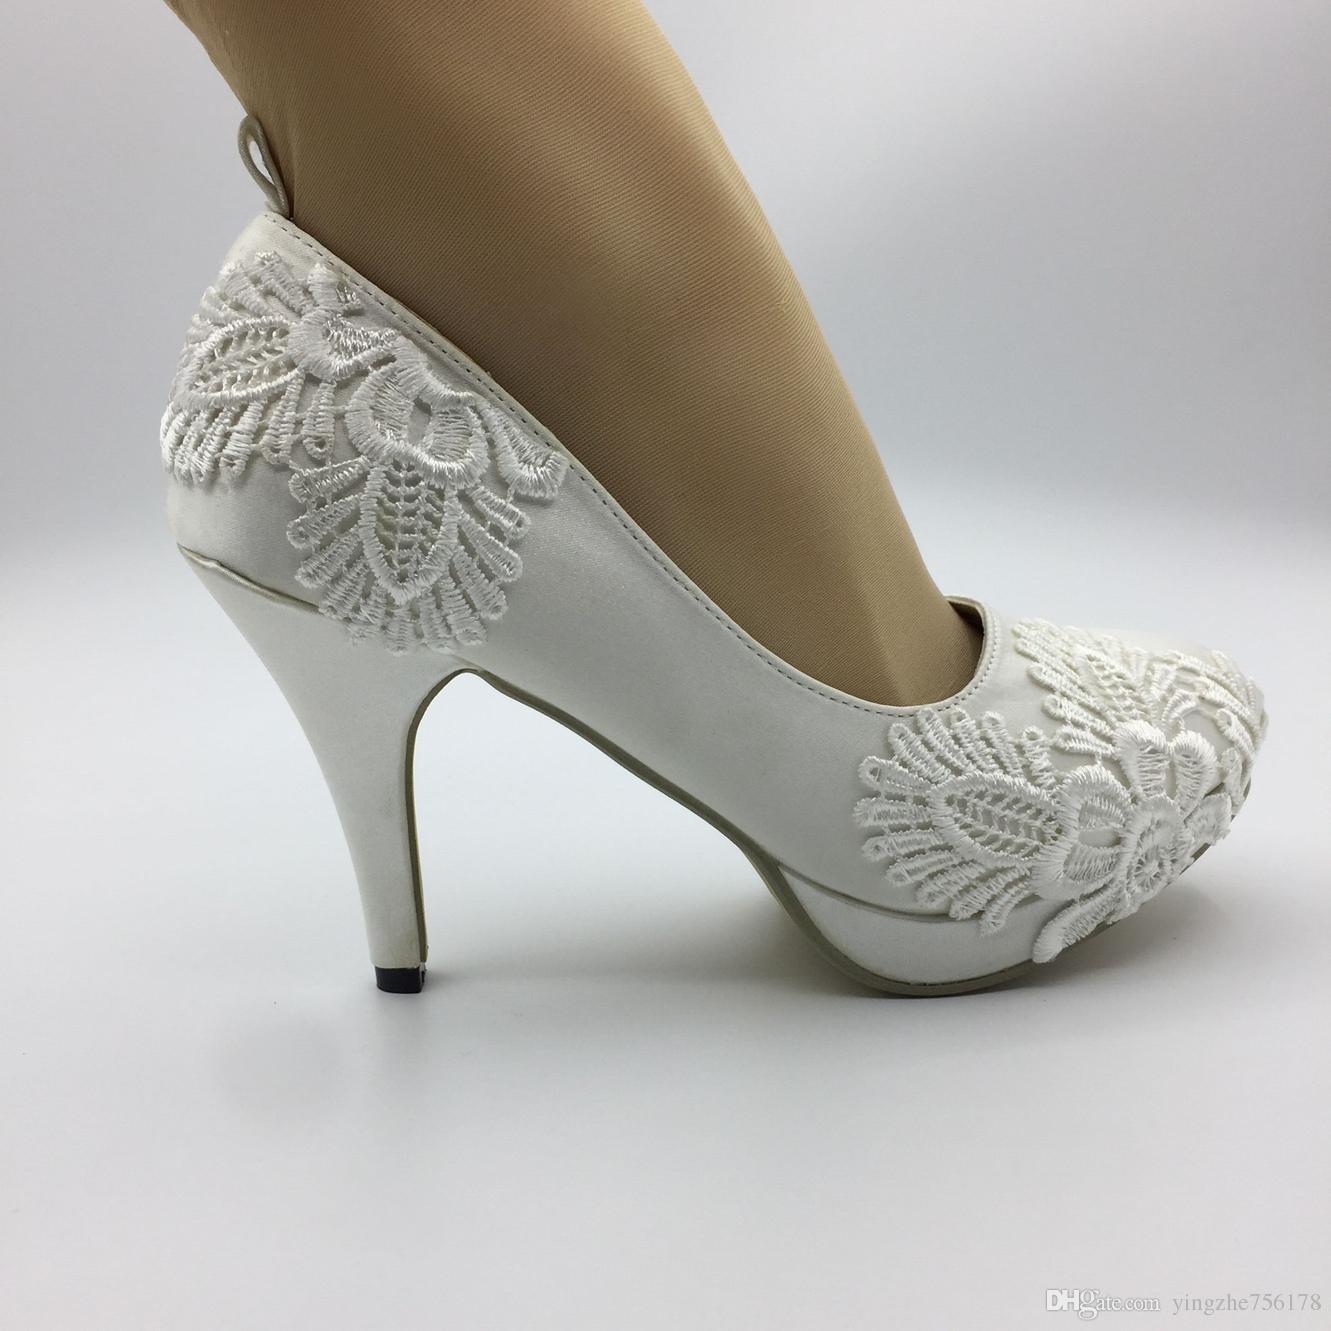 Compre Las Mujeres Hechas A Mano Zapatos De Boda De La Perla De Marfil Novia  De La Cinta Vestidos De Novia Diamante De Encaje Manual De La Boda  Sandalias De ... de2a0dd27070